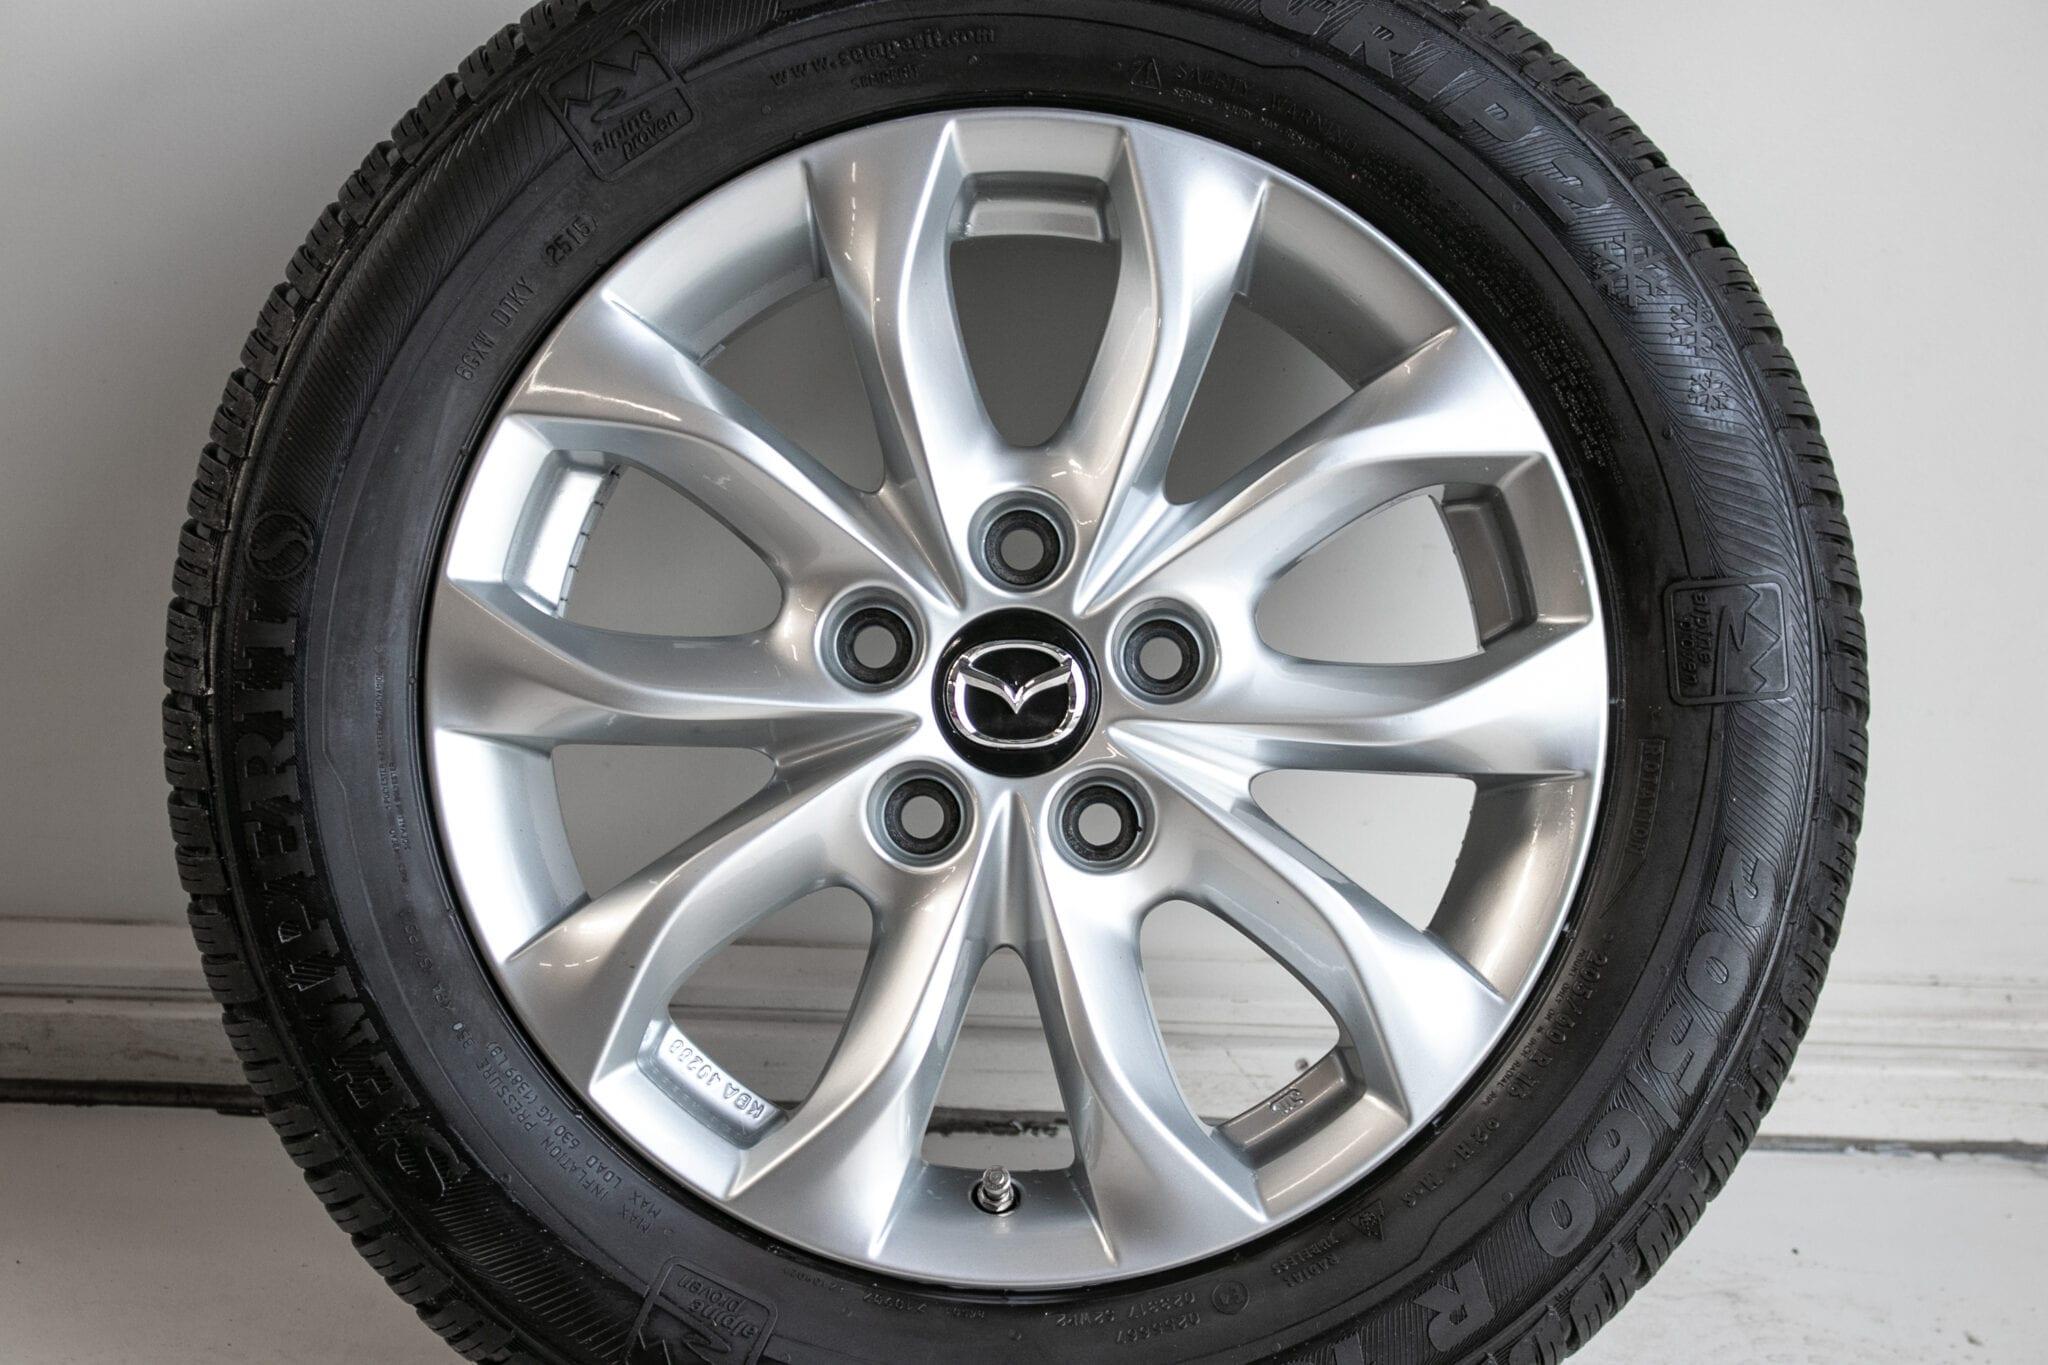 """16"""" Winterwielen voor o.a. een Mazda 3  €399,- Gebruikt. Profieldiepte: 6mm - 6.5mm"""